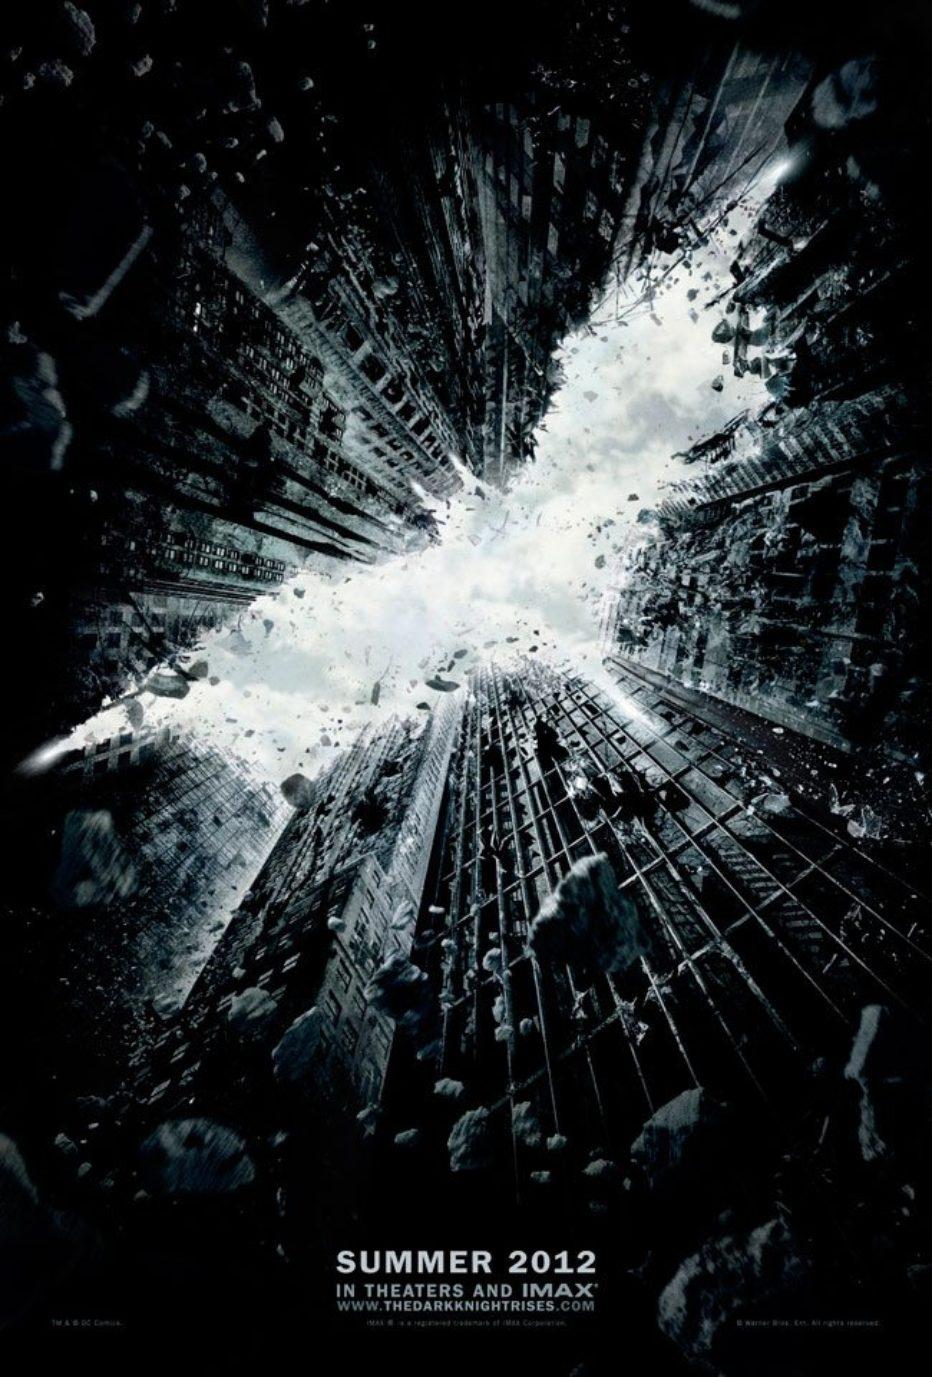 Tweets del día: Nuevo video de The Dark Knight Rises. Ya queda poco